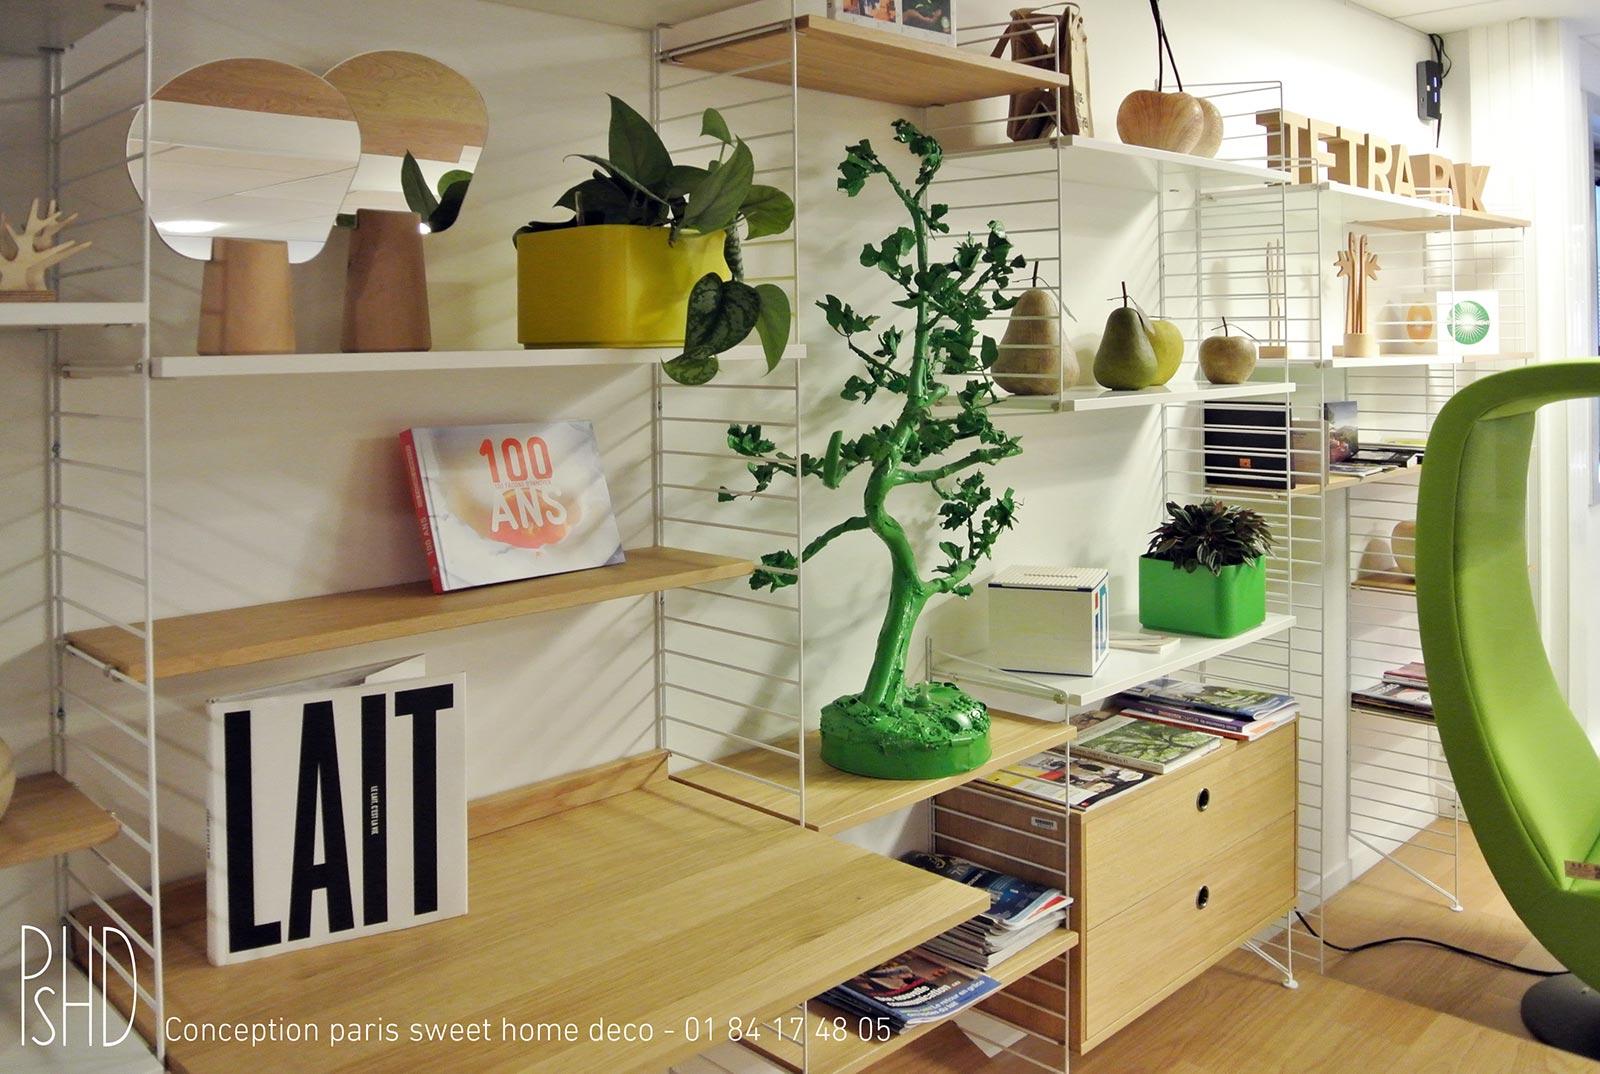 Décoration intérieure de bureau Tetra Pak